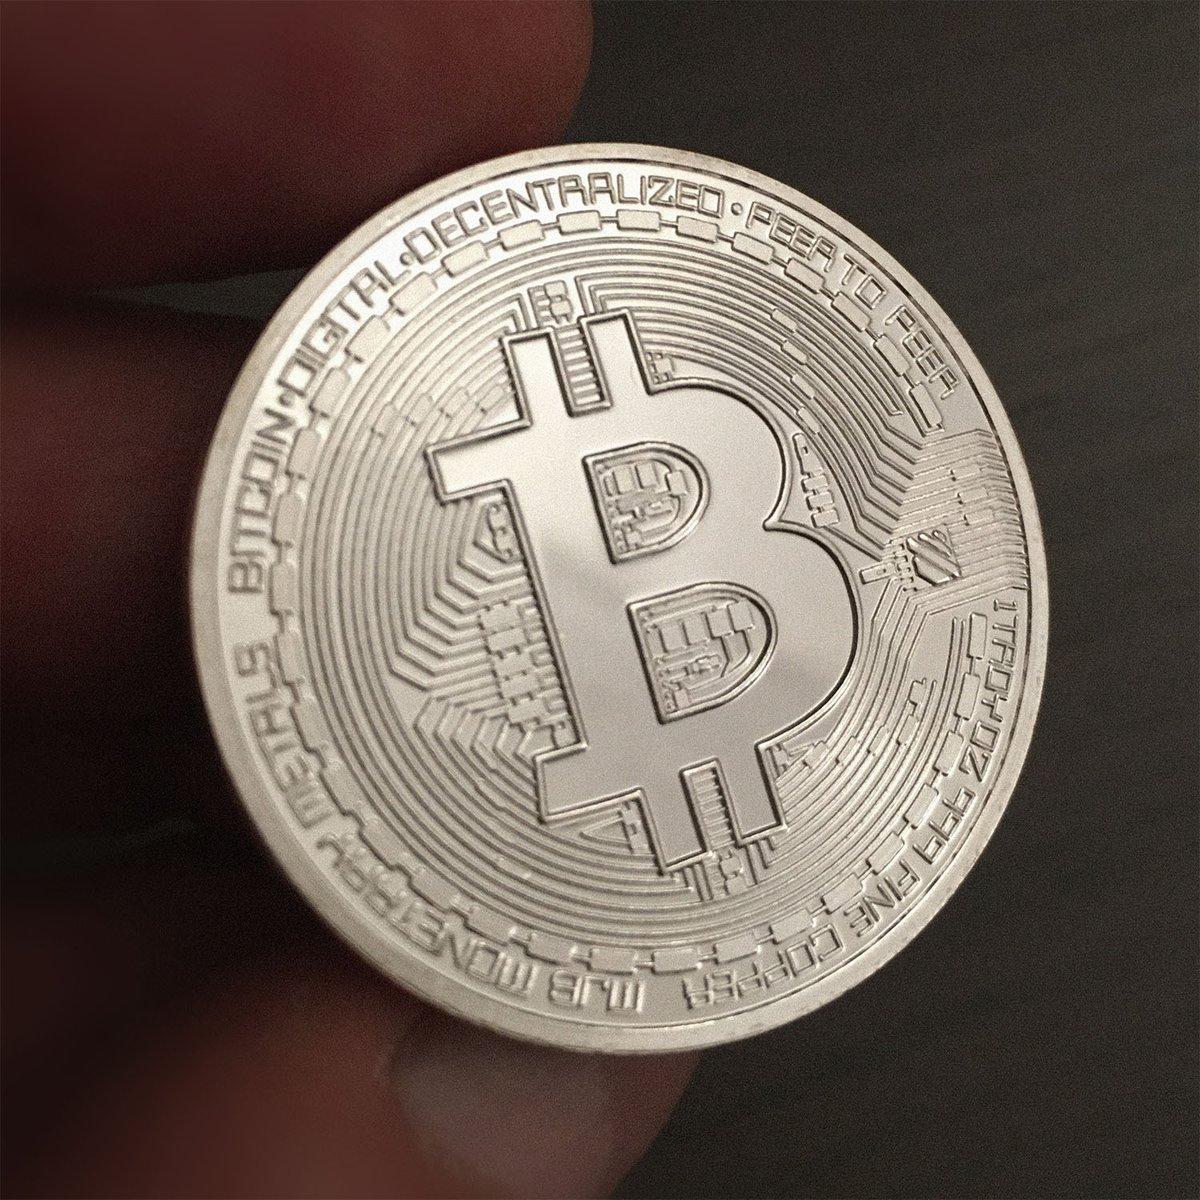 Vous voulez gagner ce beau BitCoin tout argenté? RT+Follow et je tire au sort demain. https://t.co/hFysfbjDJi